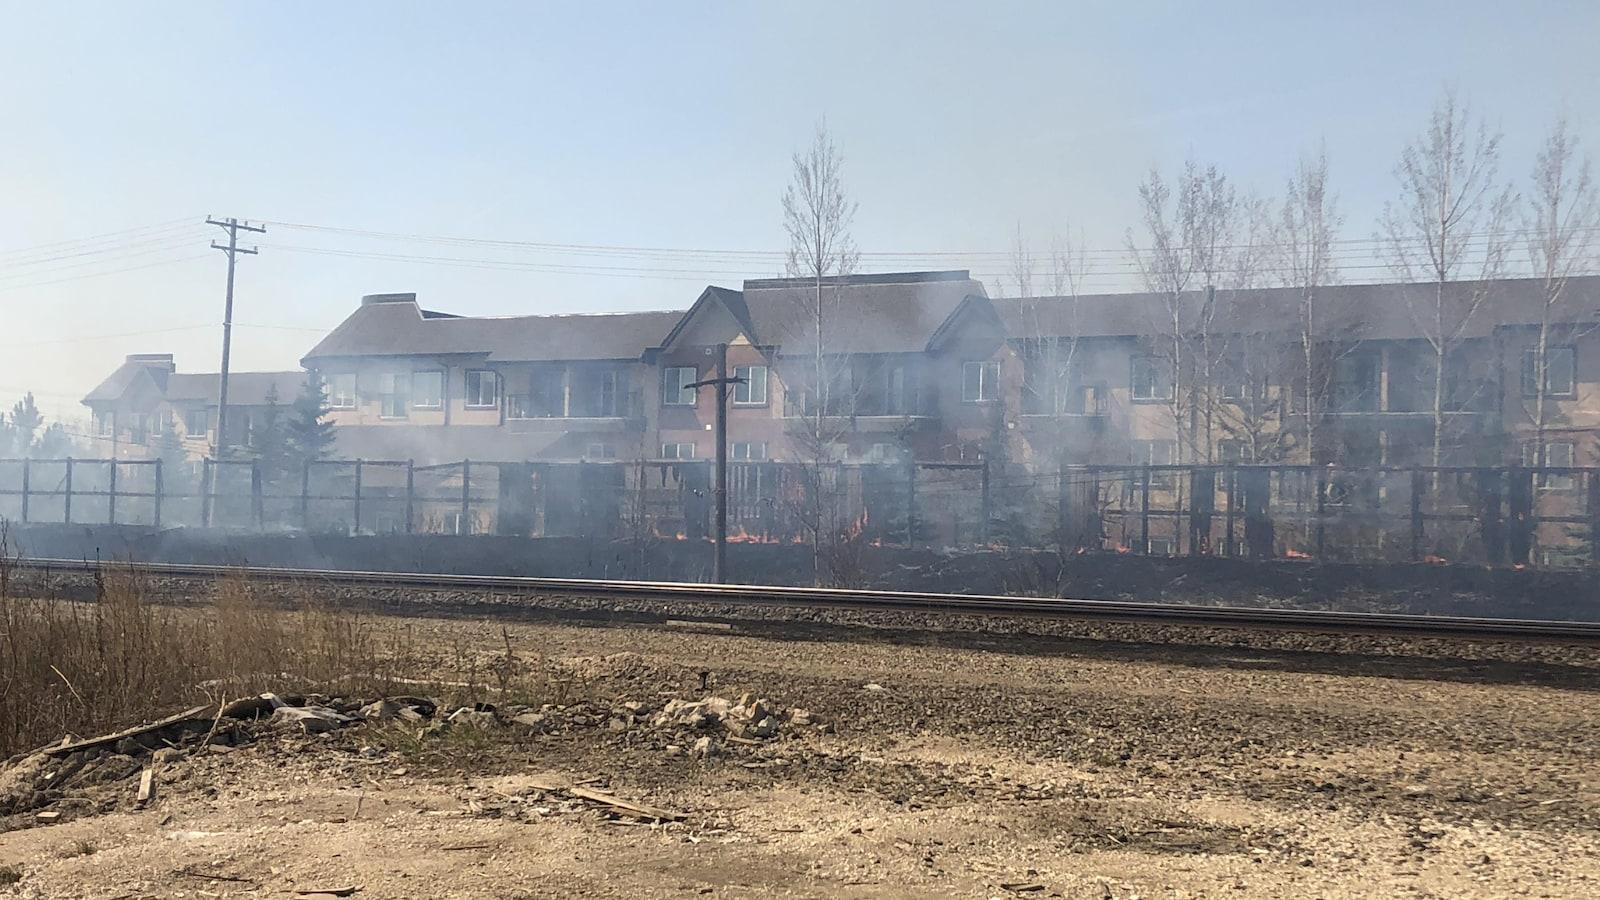 De la fumée s'échappe d'un feu de broussailles entre des rails et une clôture derrière laquelle se trouvent des résidences